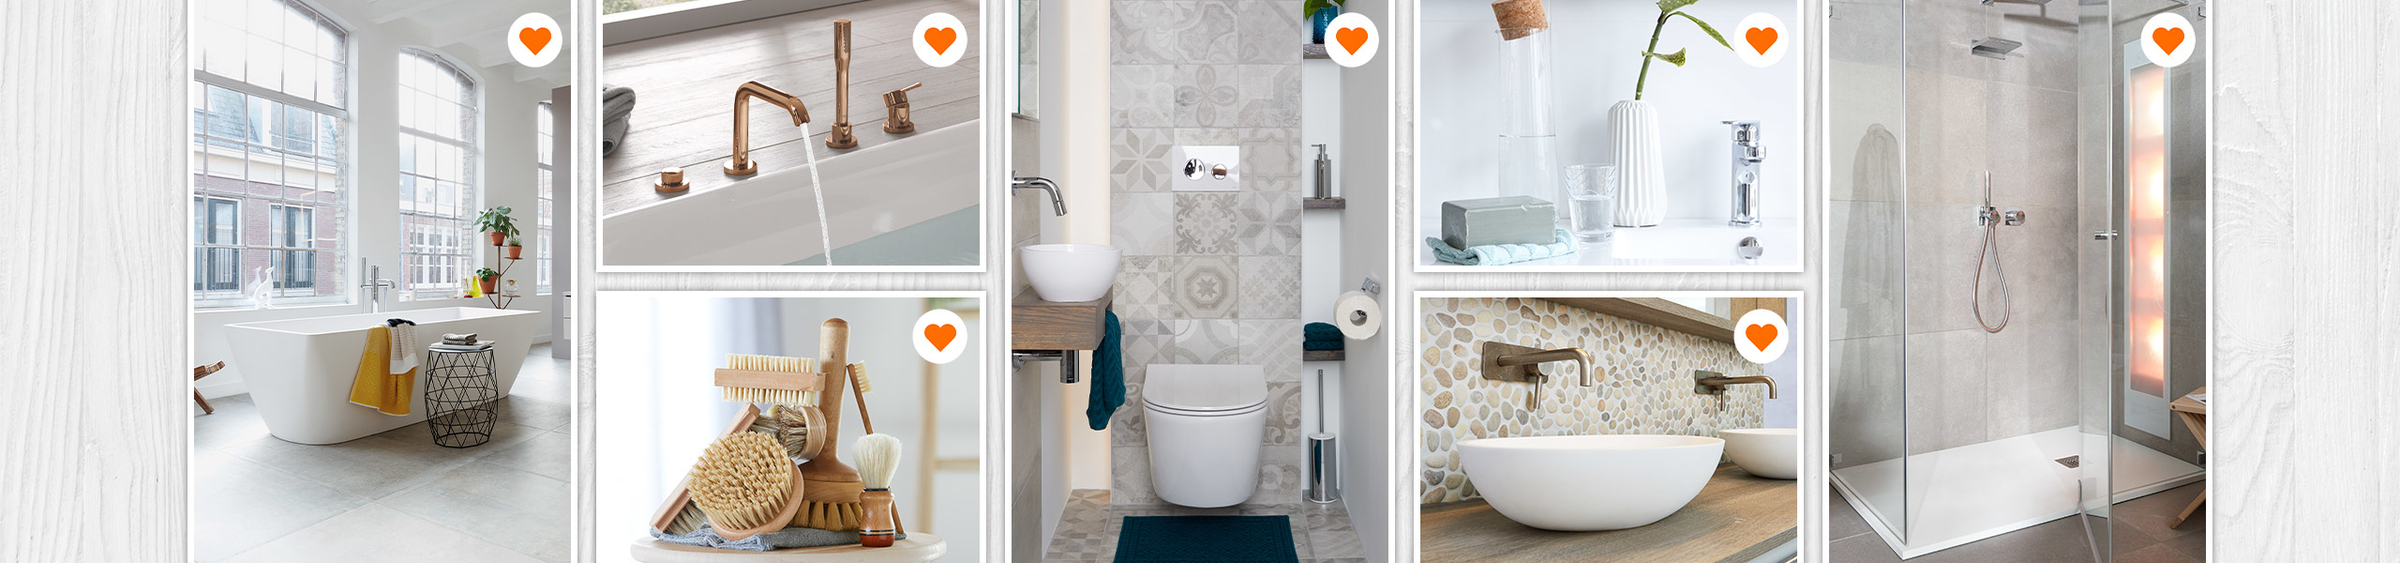 Maak een moodboard van je badkamerwensen - Maak een moodboard van je badkamerwensen